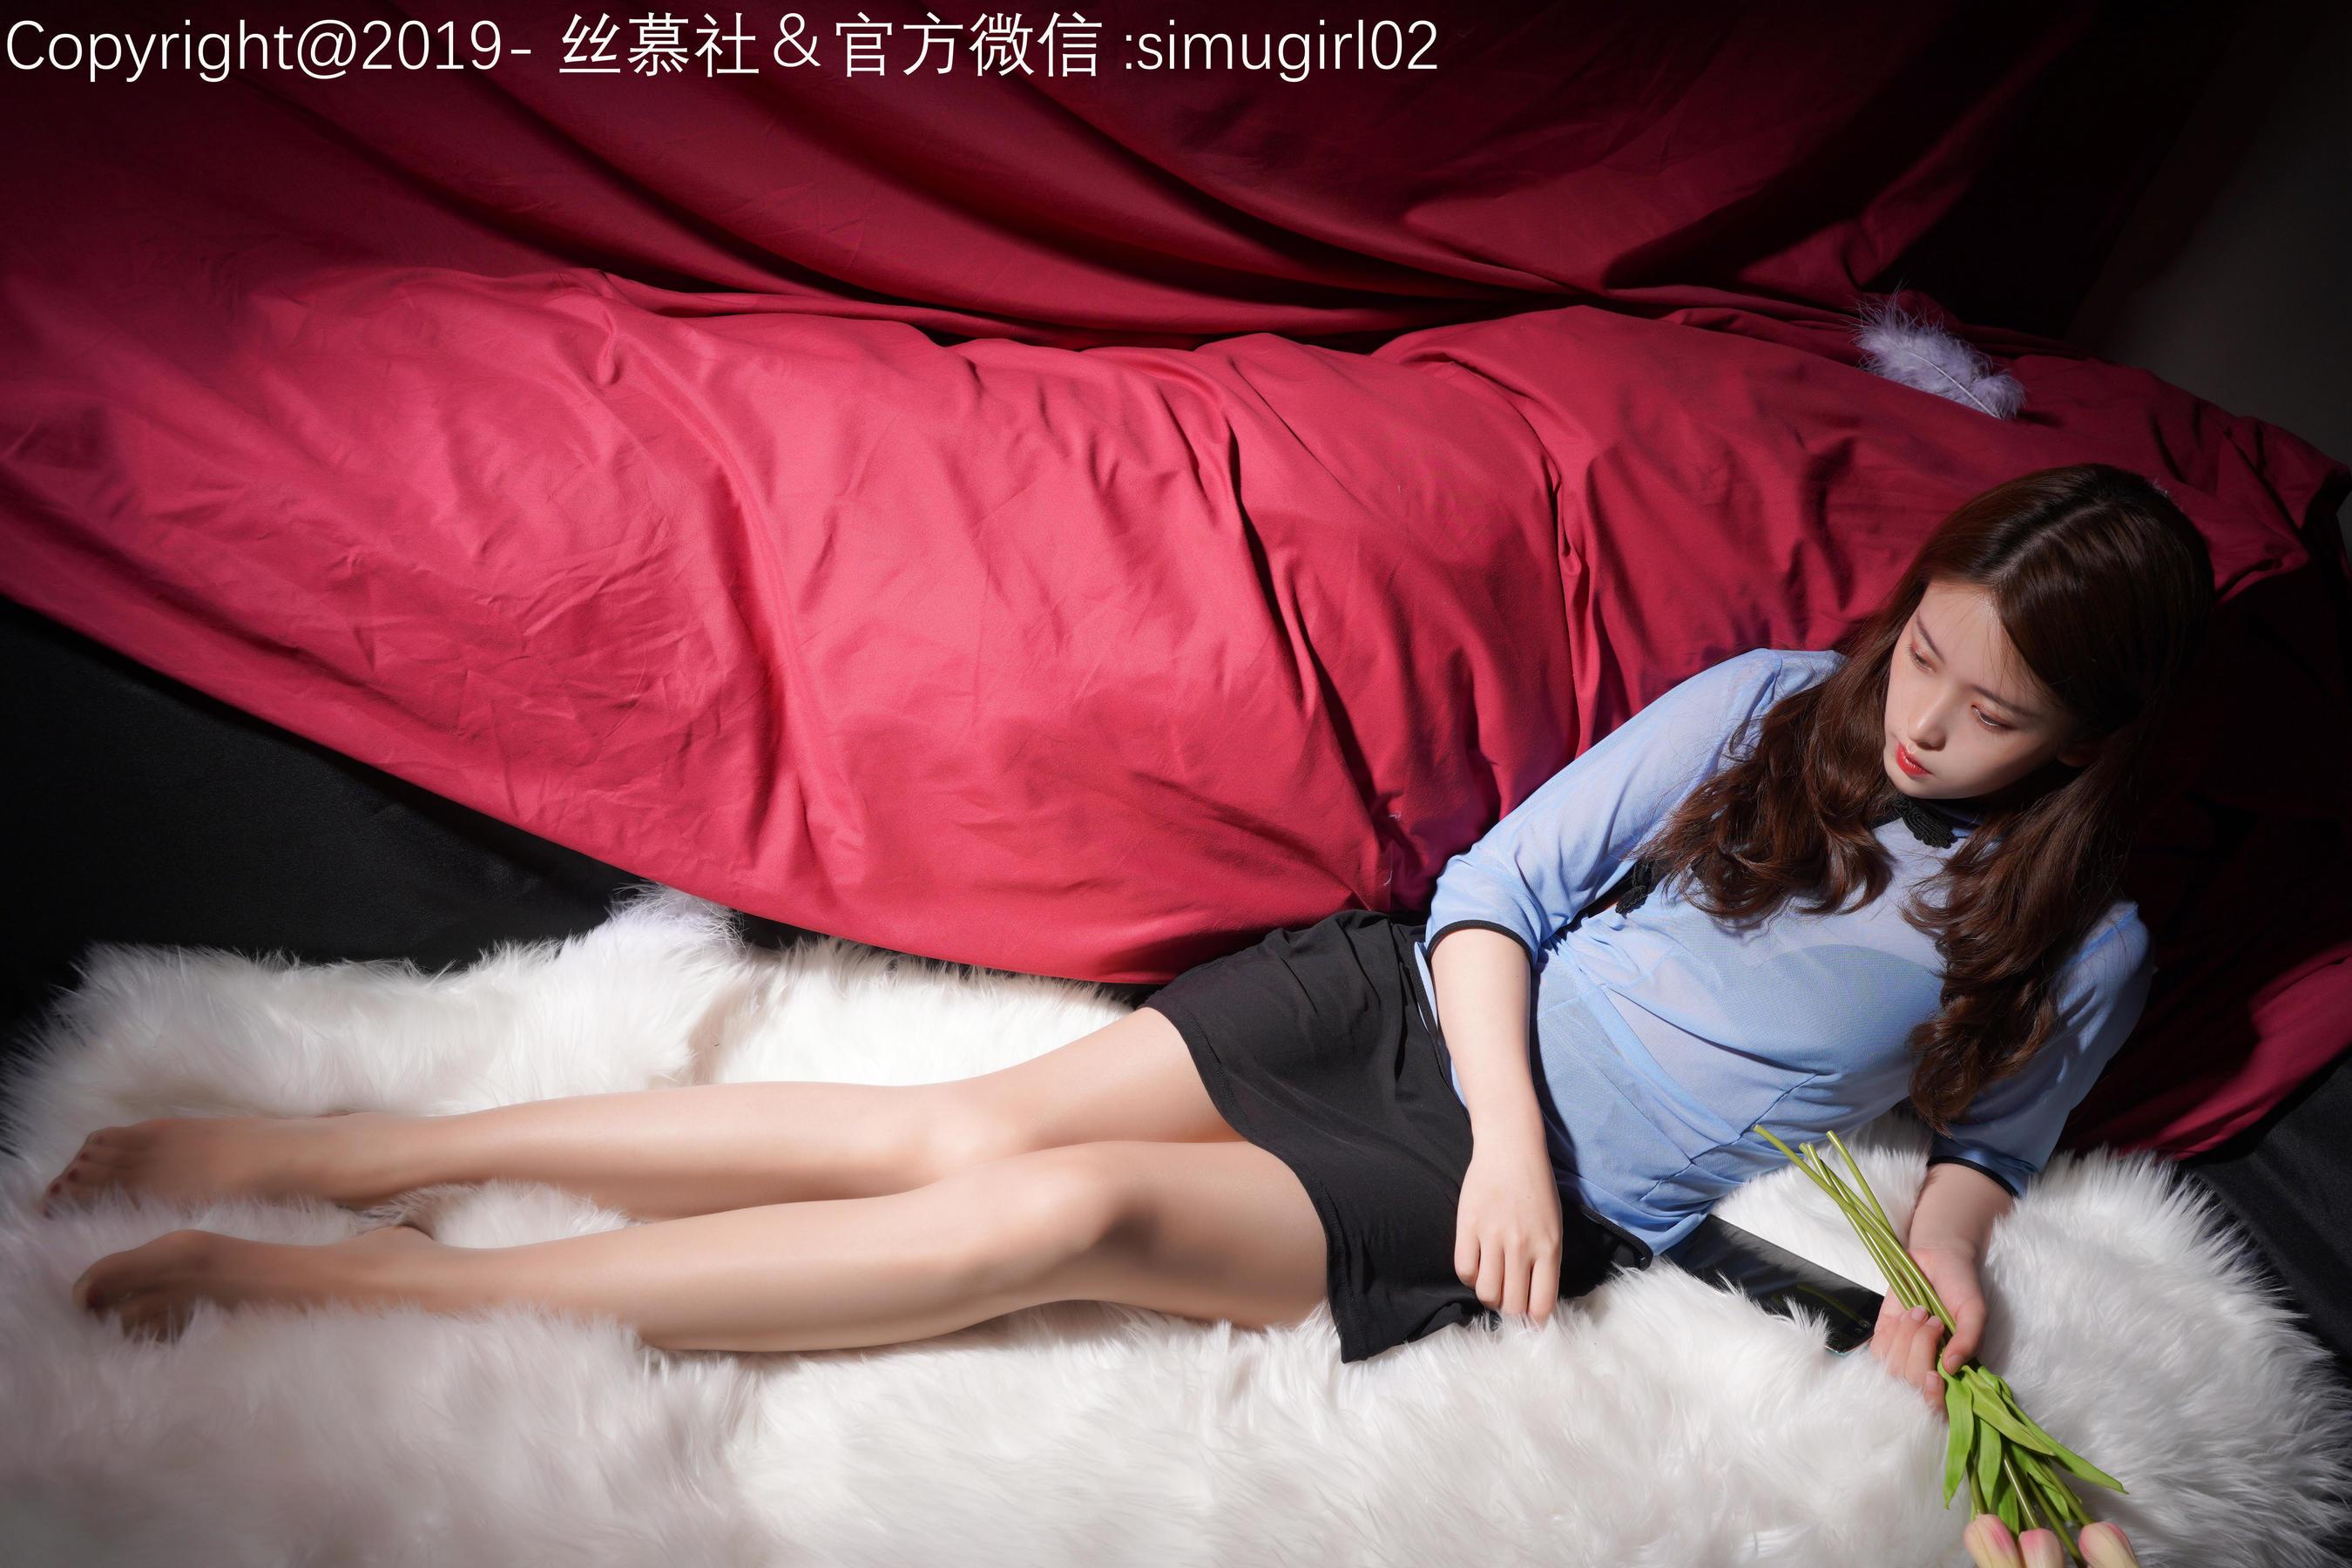 [秀人网]梦心玥(推女郎梦心月)No.2870超高清写真大图片(94P) 298热度